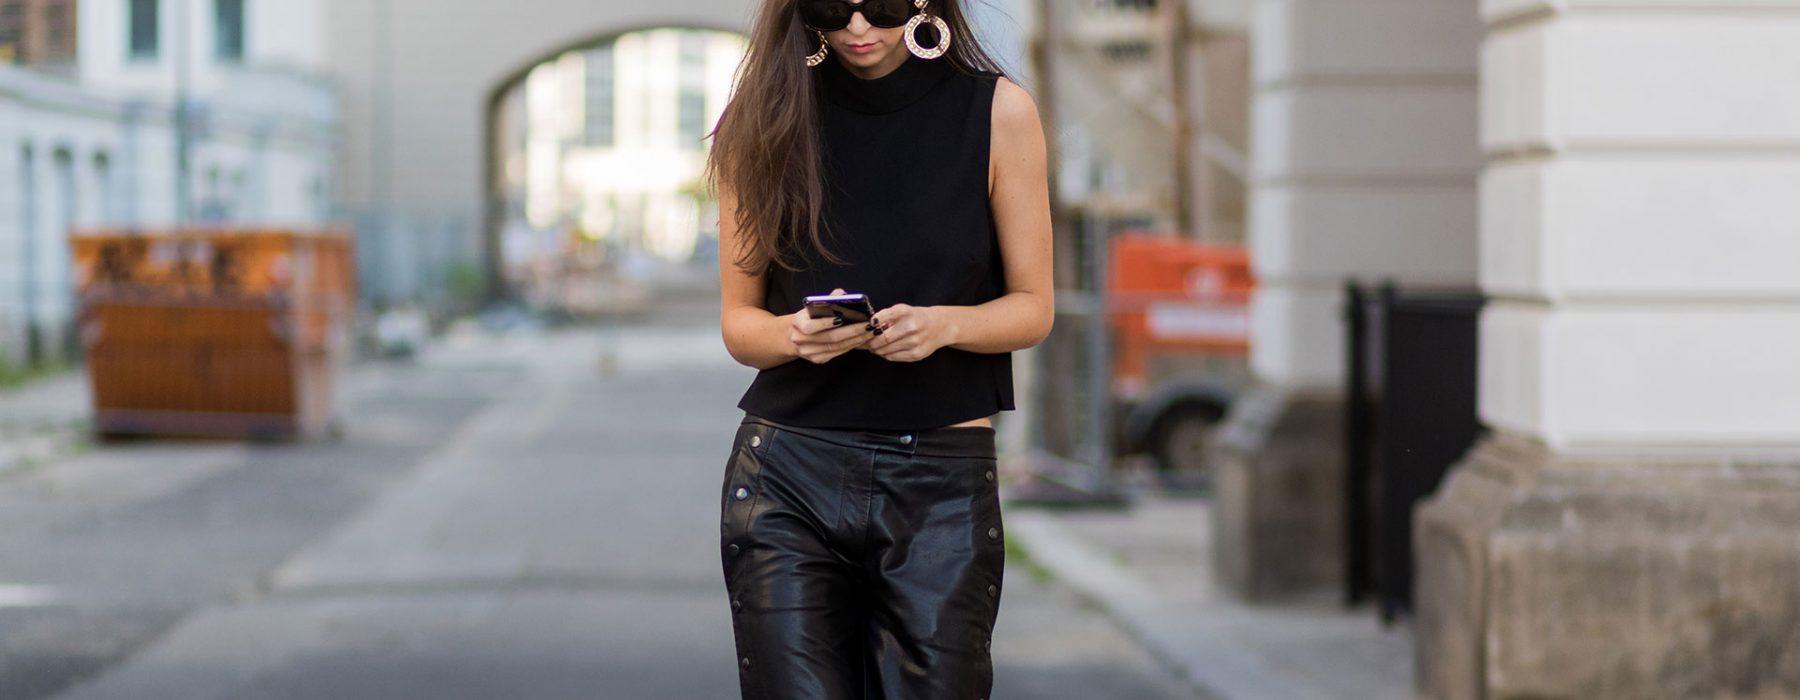 Wearing black in summer